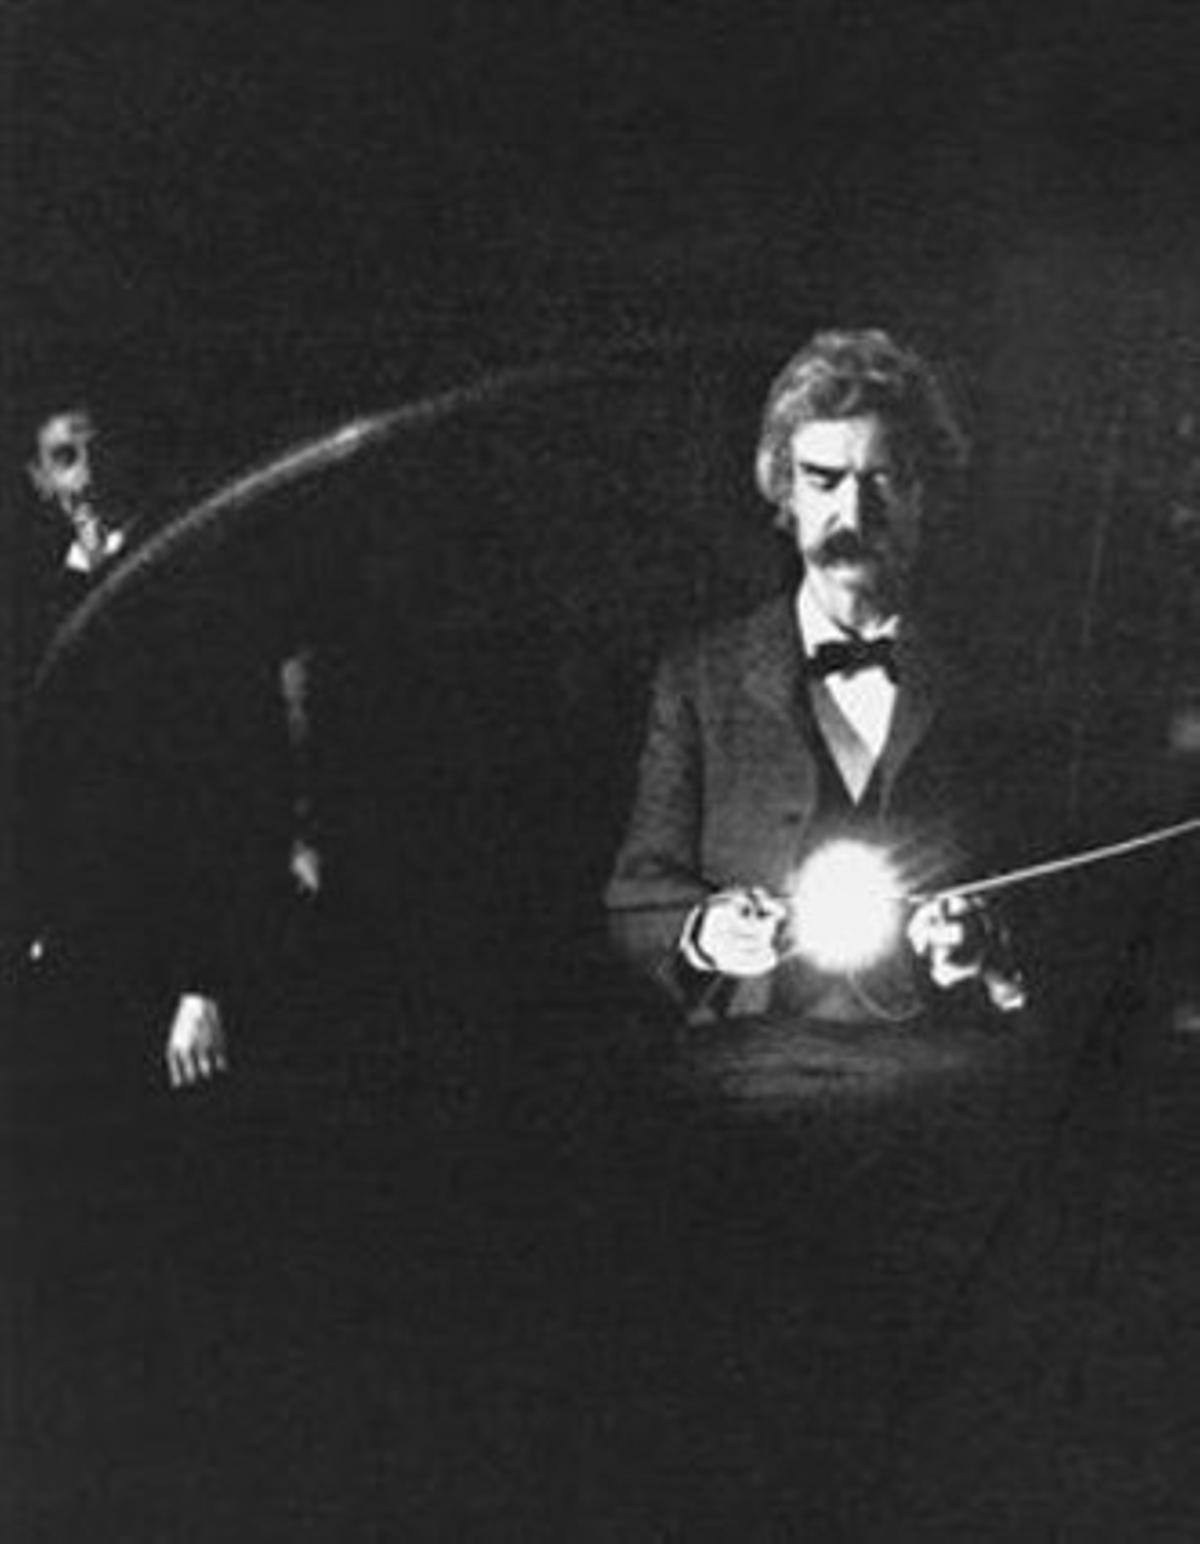 Mark Twain visitó el laboratorio de Tesla en 1894 y probó su lámpara incandescente.